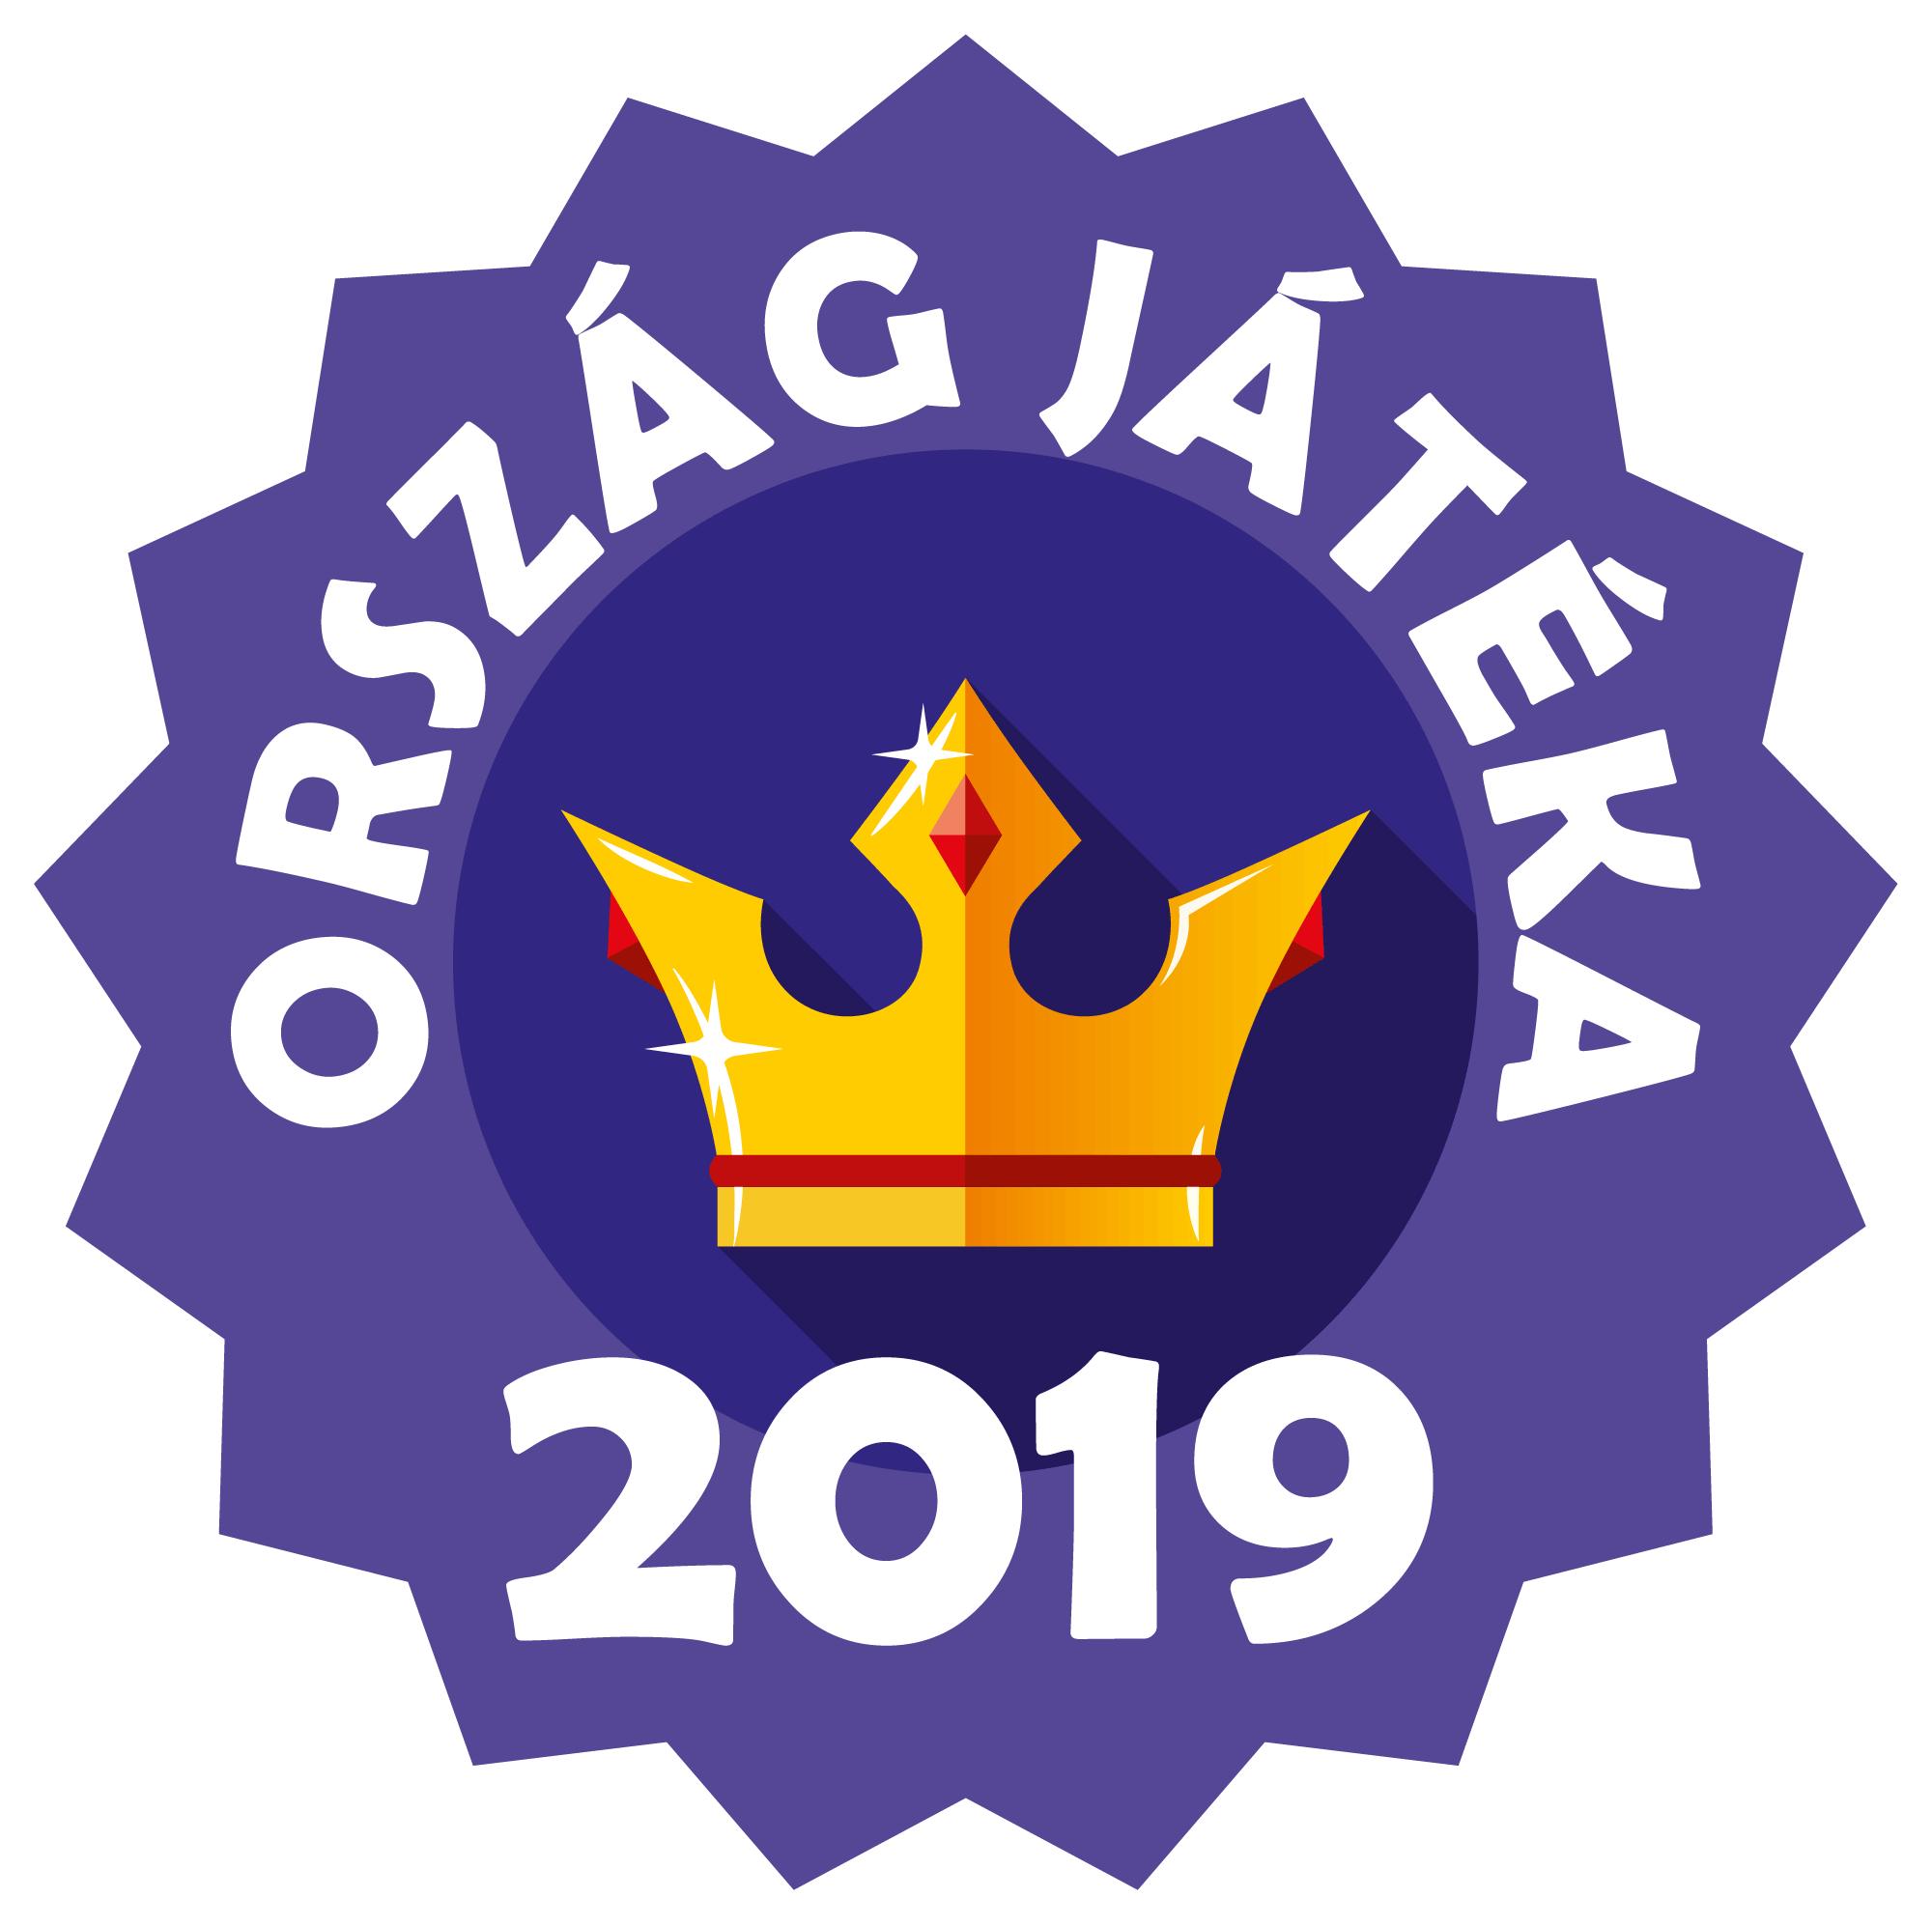 orszag_jateka_2019_logo_1.png